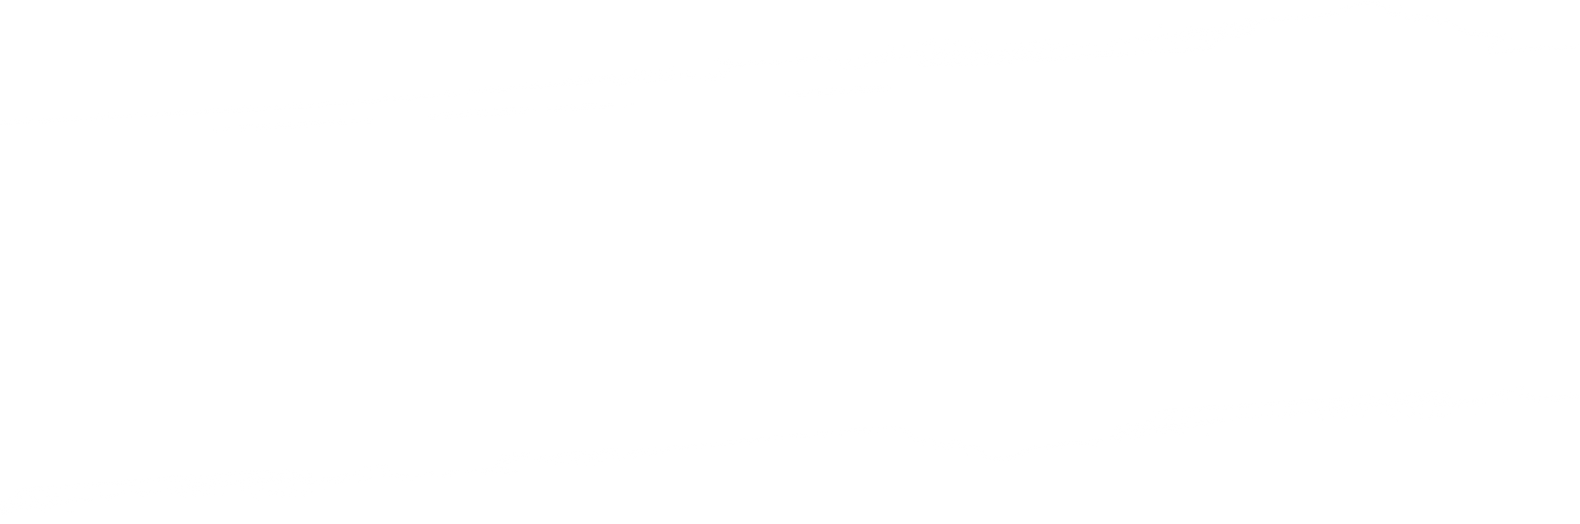 paint-strip.png